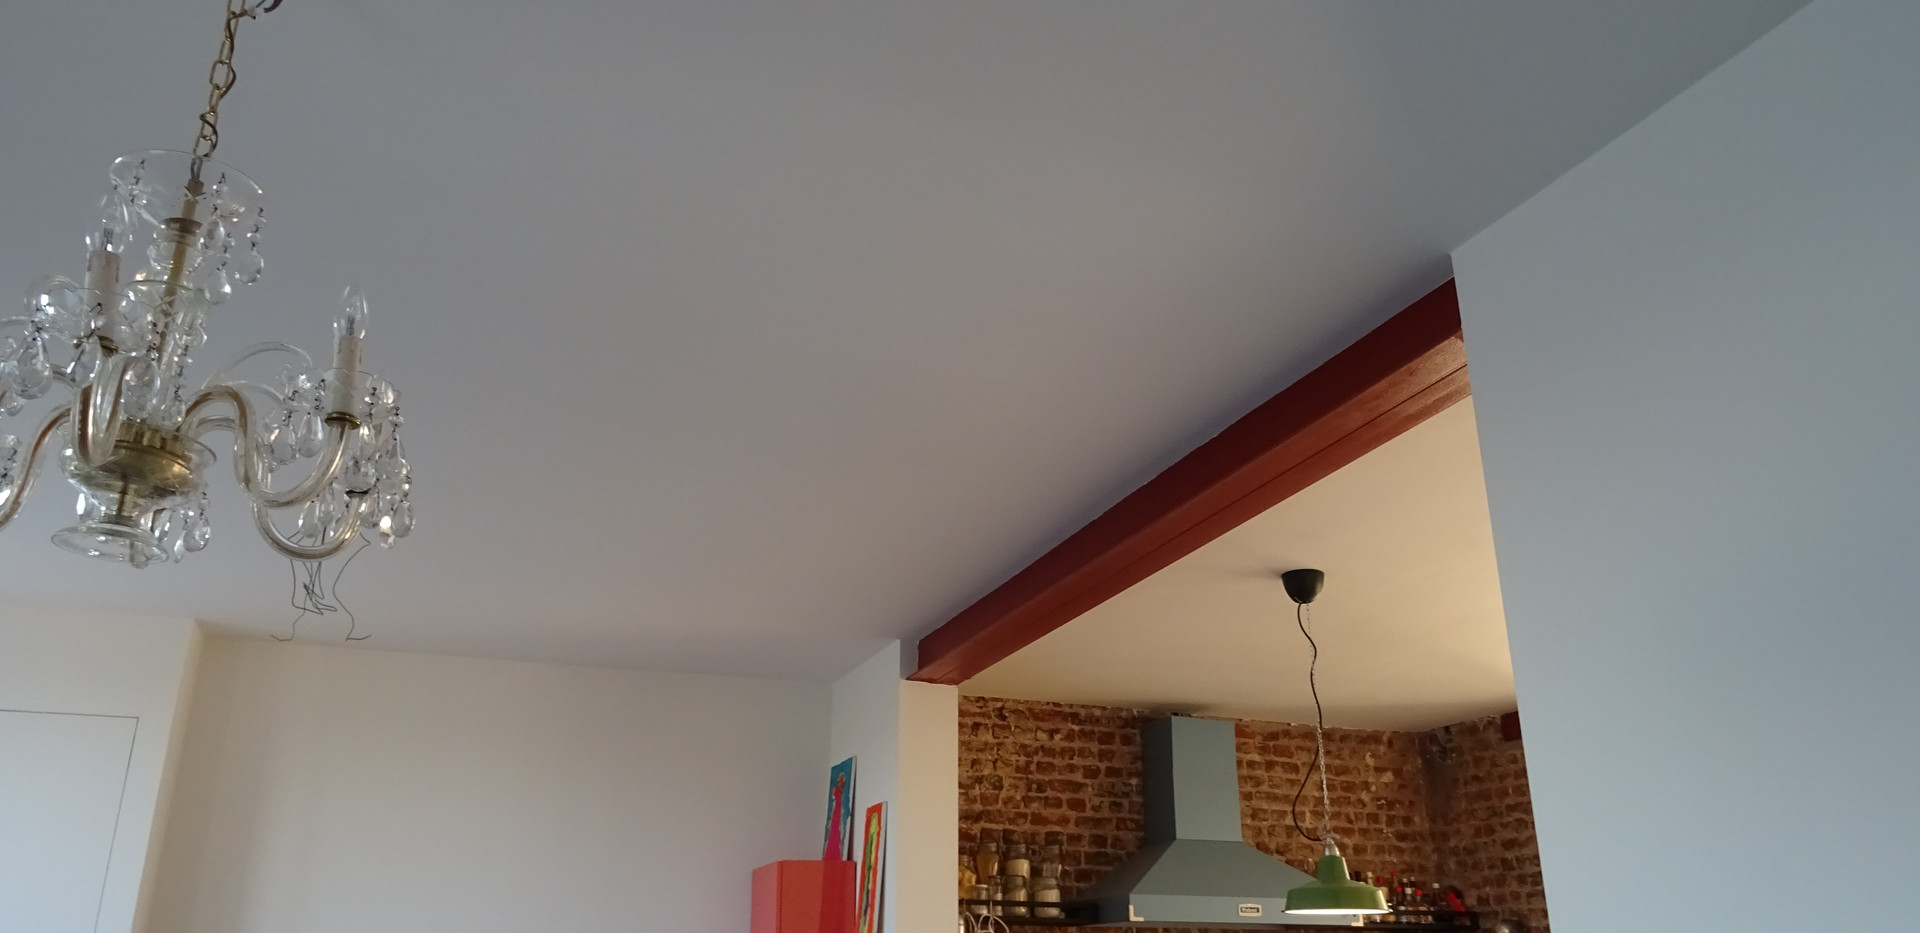 Plafonds gyproc wanden Mater (1).JPG